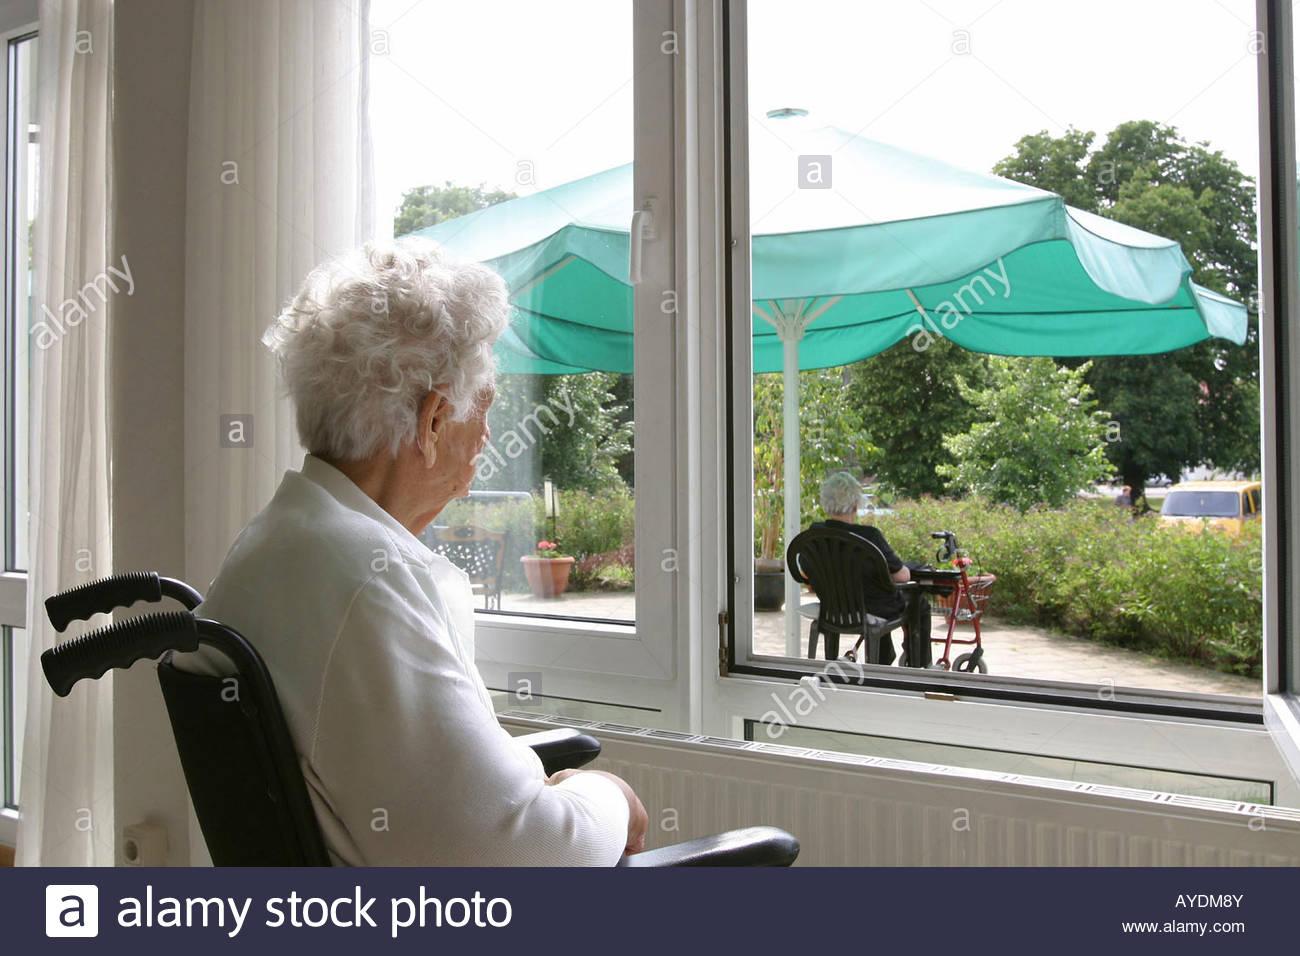 Alte Frau auf einen Rollstuhl, Blick durch ein Fenster Stockfoto